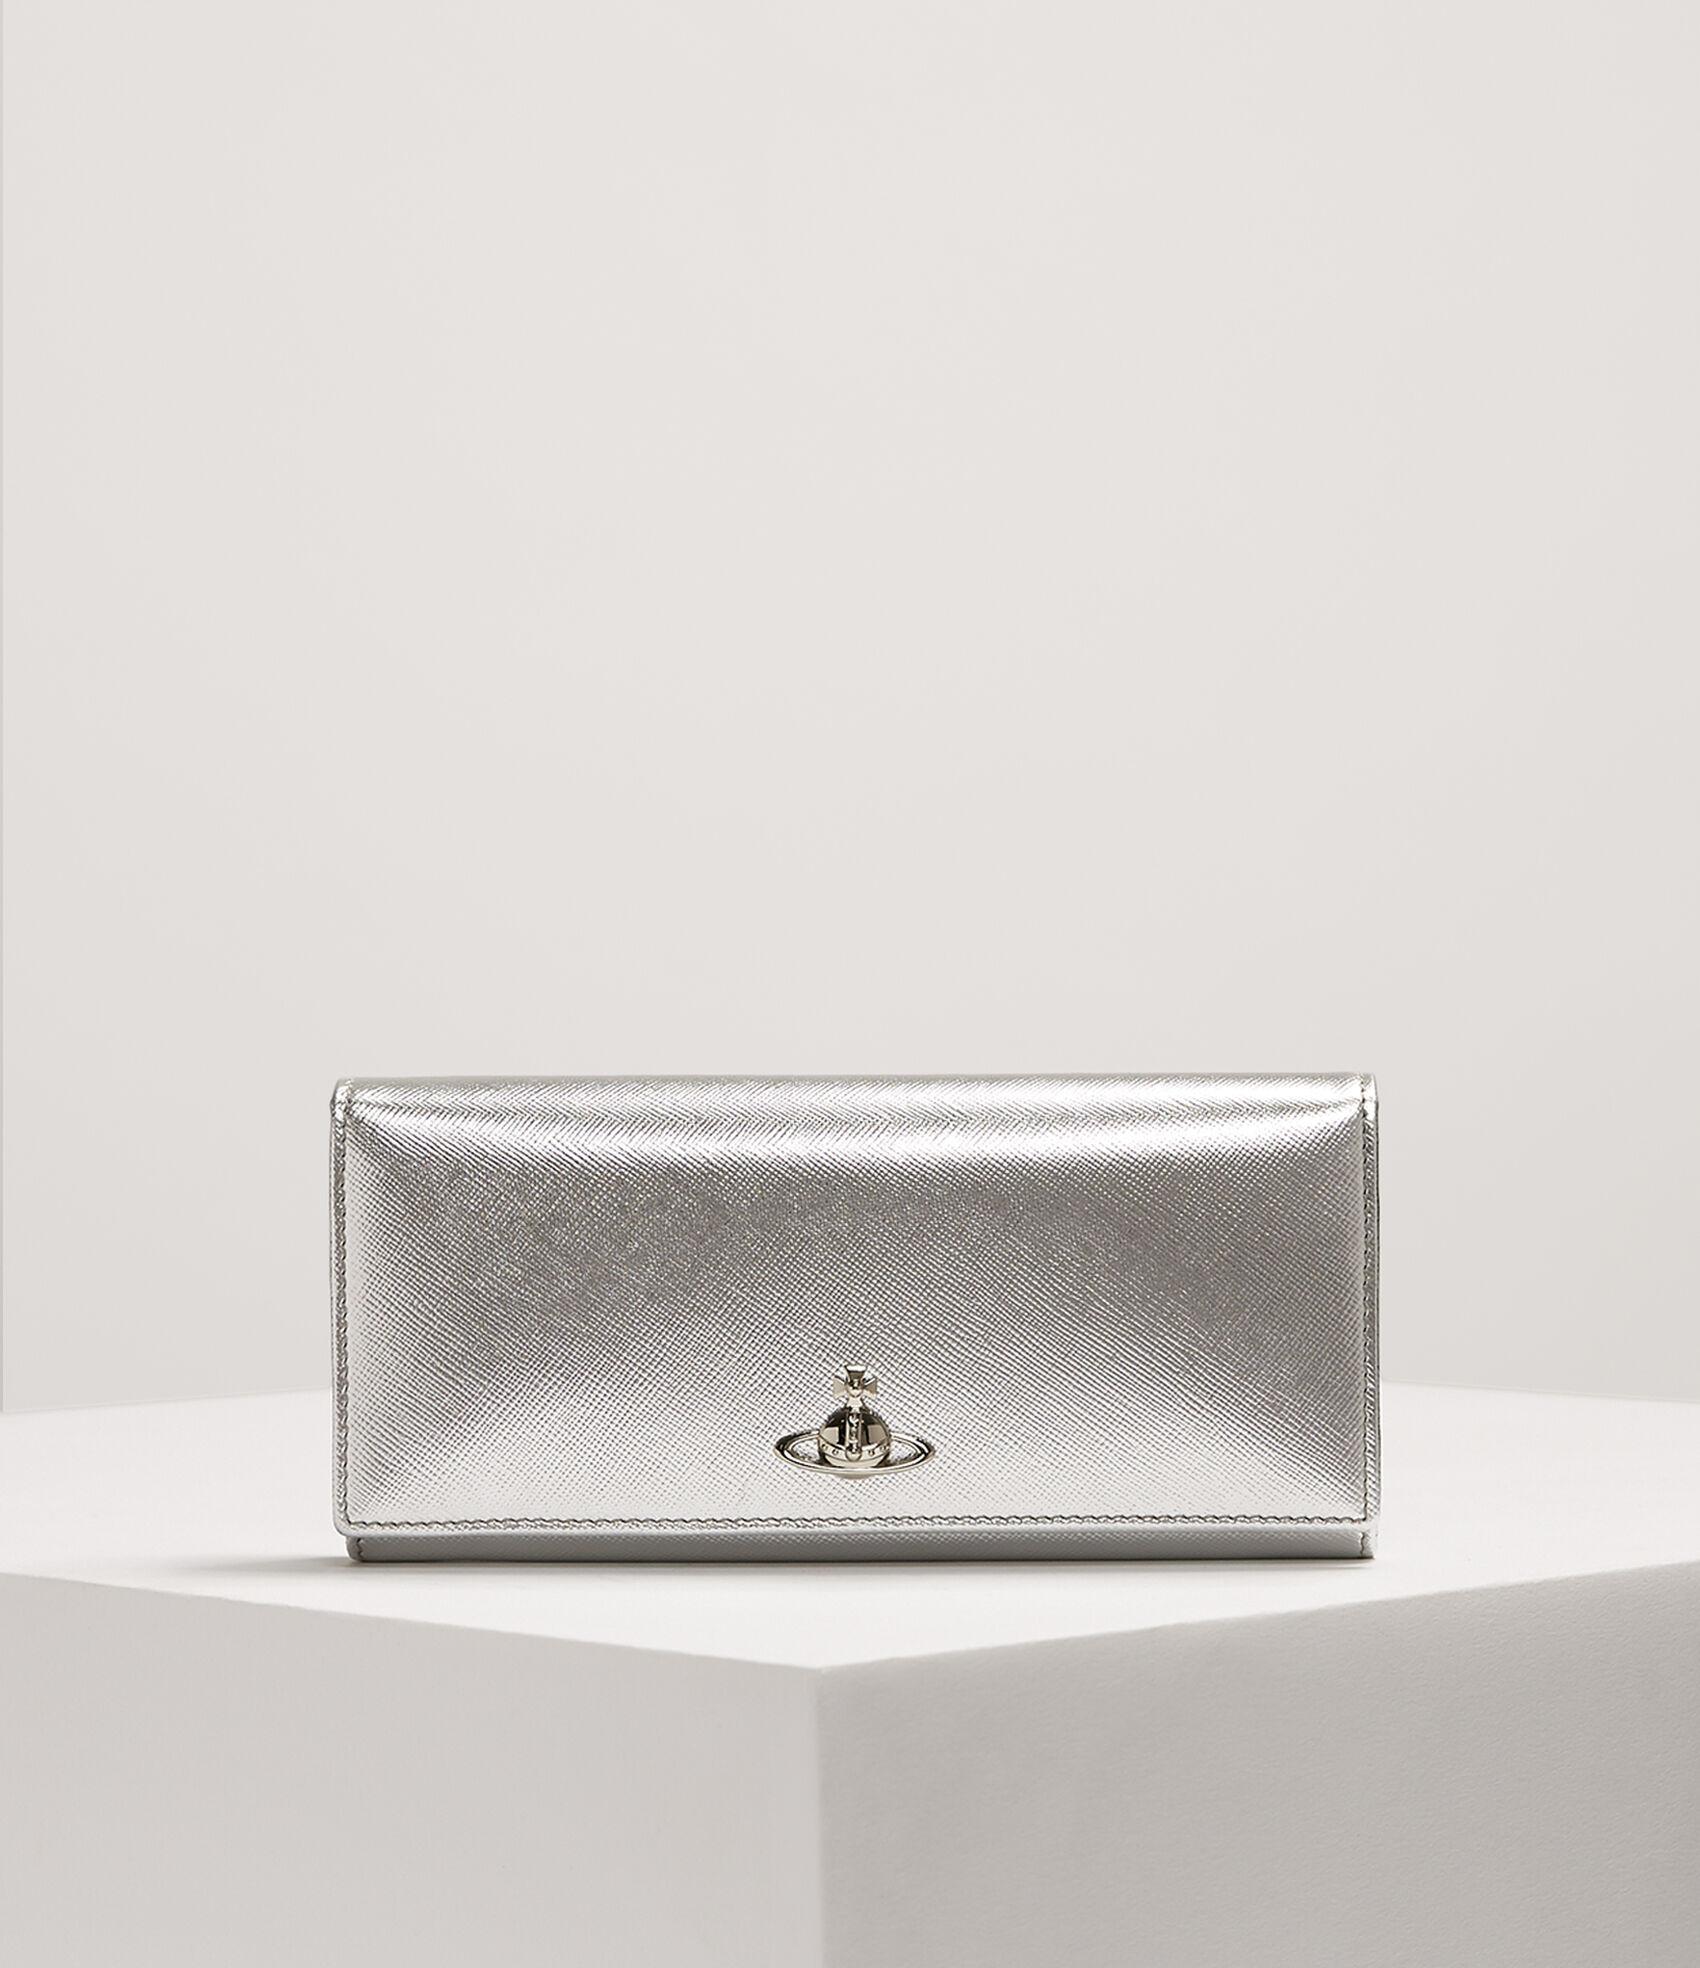 68b9637fe7a Vivienne Westwood Women's Designer Wallets and Purses | Vivienne ...